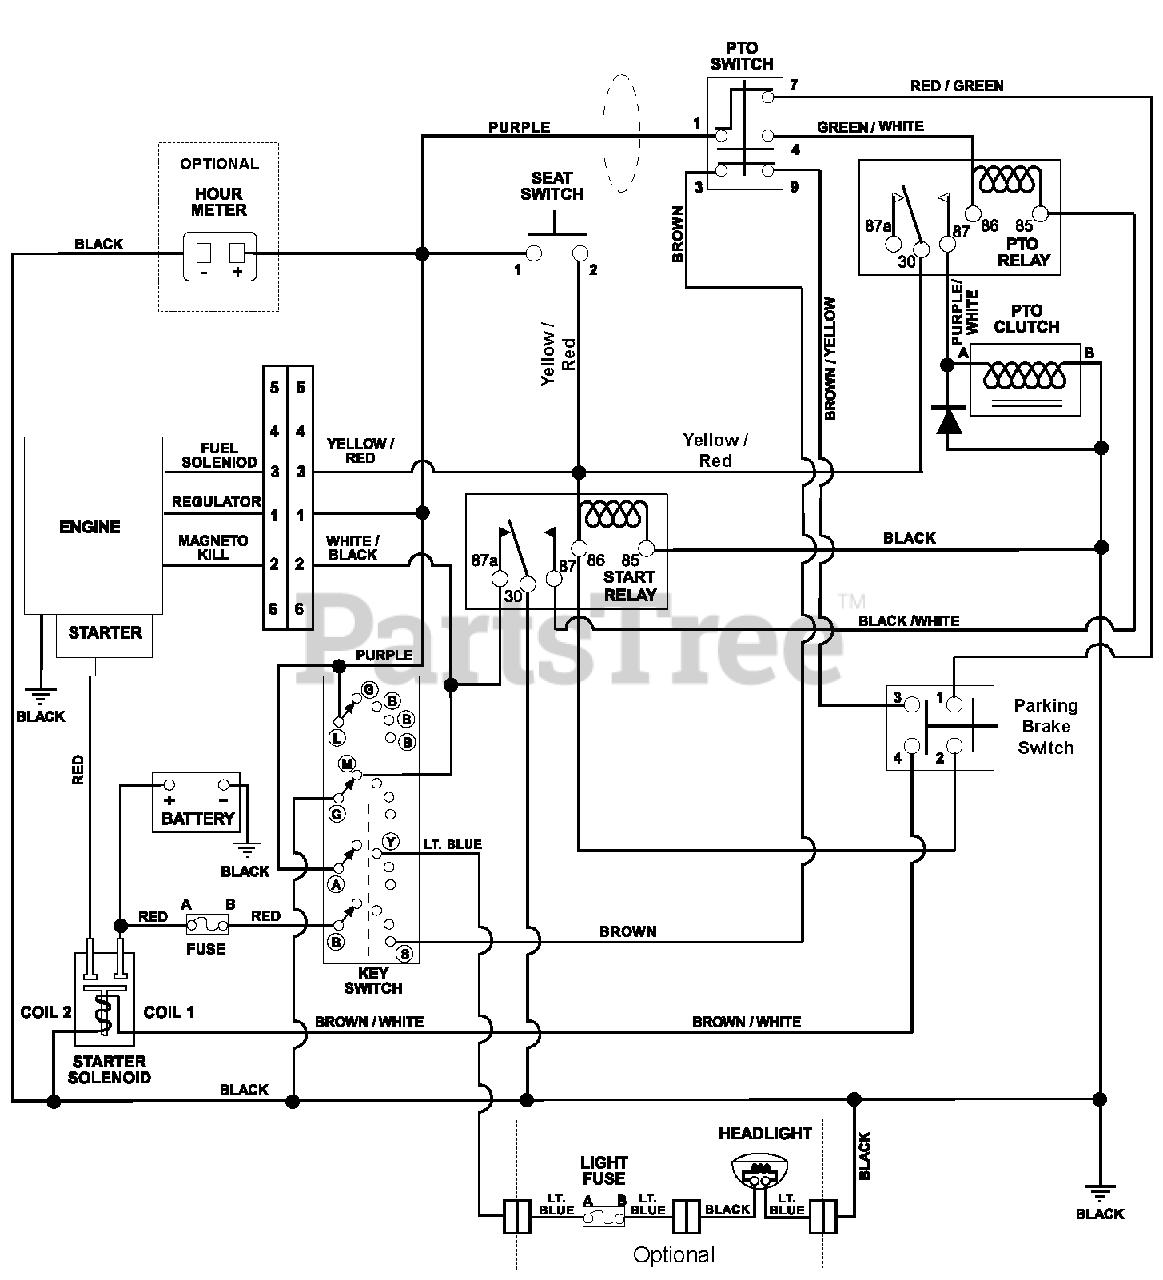 kawasaki wiring schematics gravely 915158  zt xl 54  gravely 54  zero turn mower  24hp  gravely 915158  zt xl 54  gravely 54